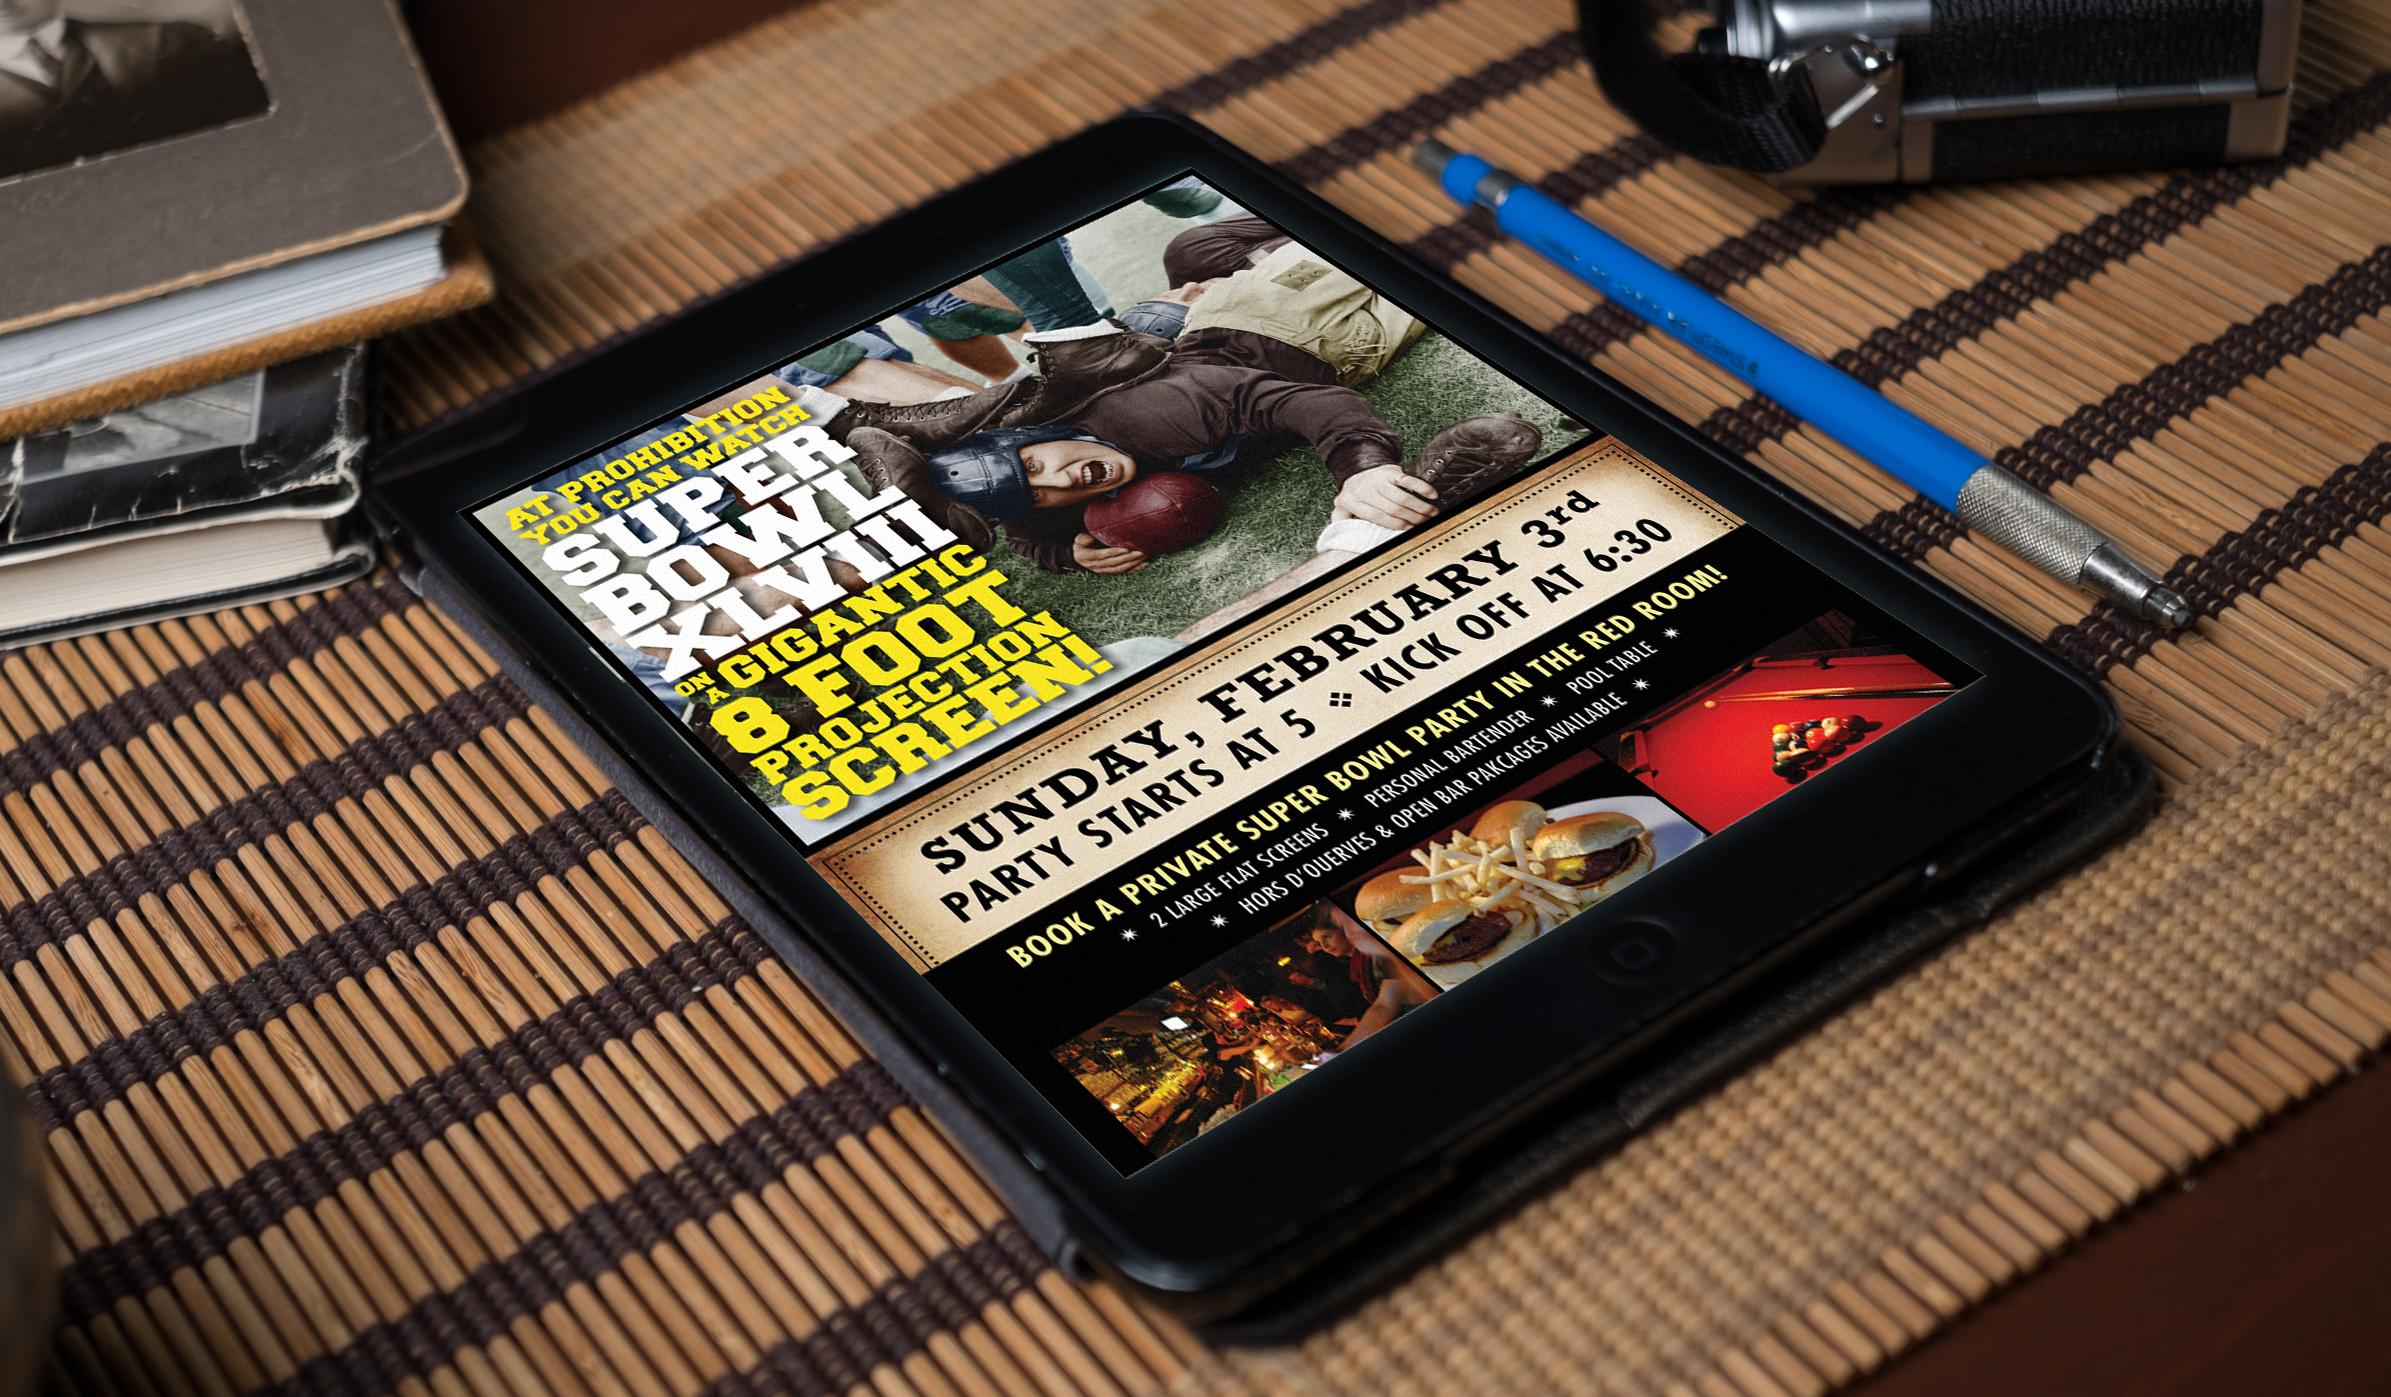 Mock-up-eblast-on-tablet.jpg